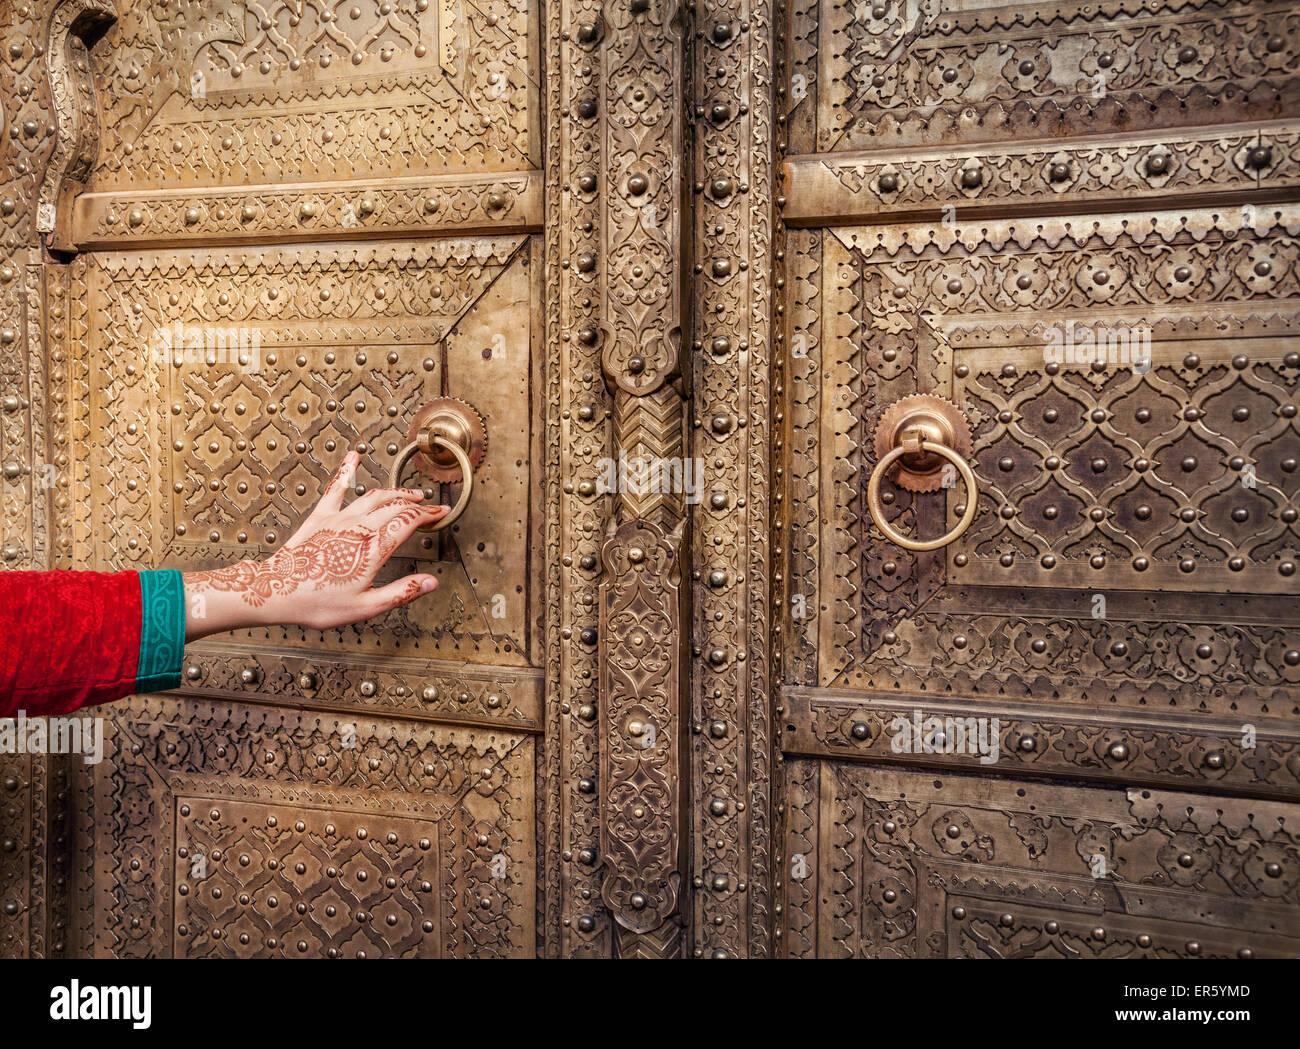 Mujer mano con henna apertura puerta dorada en el Palacio de la ciudad de Jaipur, Rajasthan, India Imagen De Stock